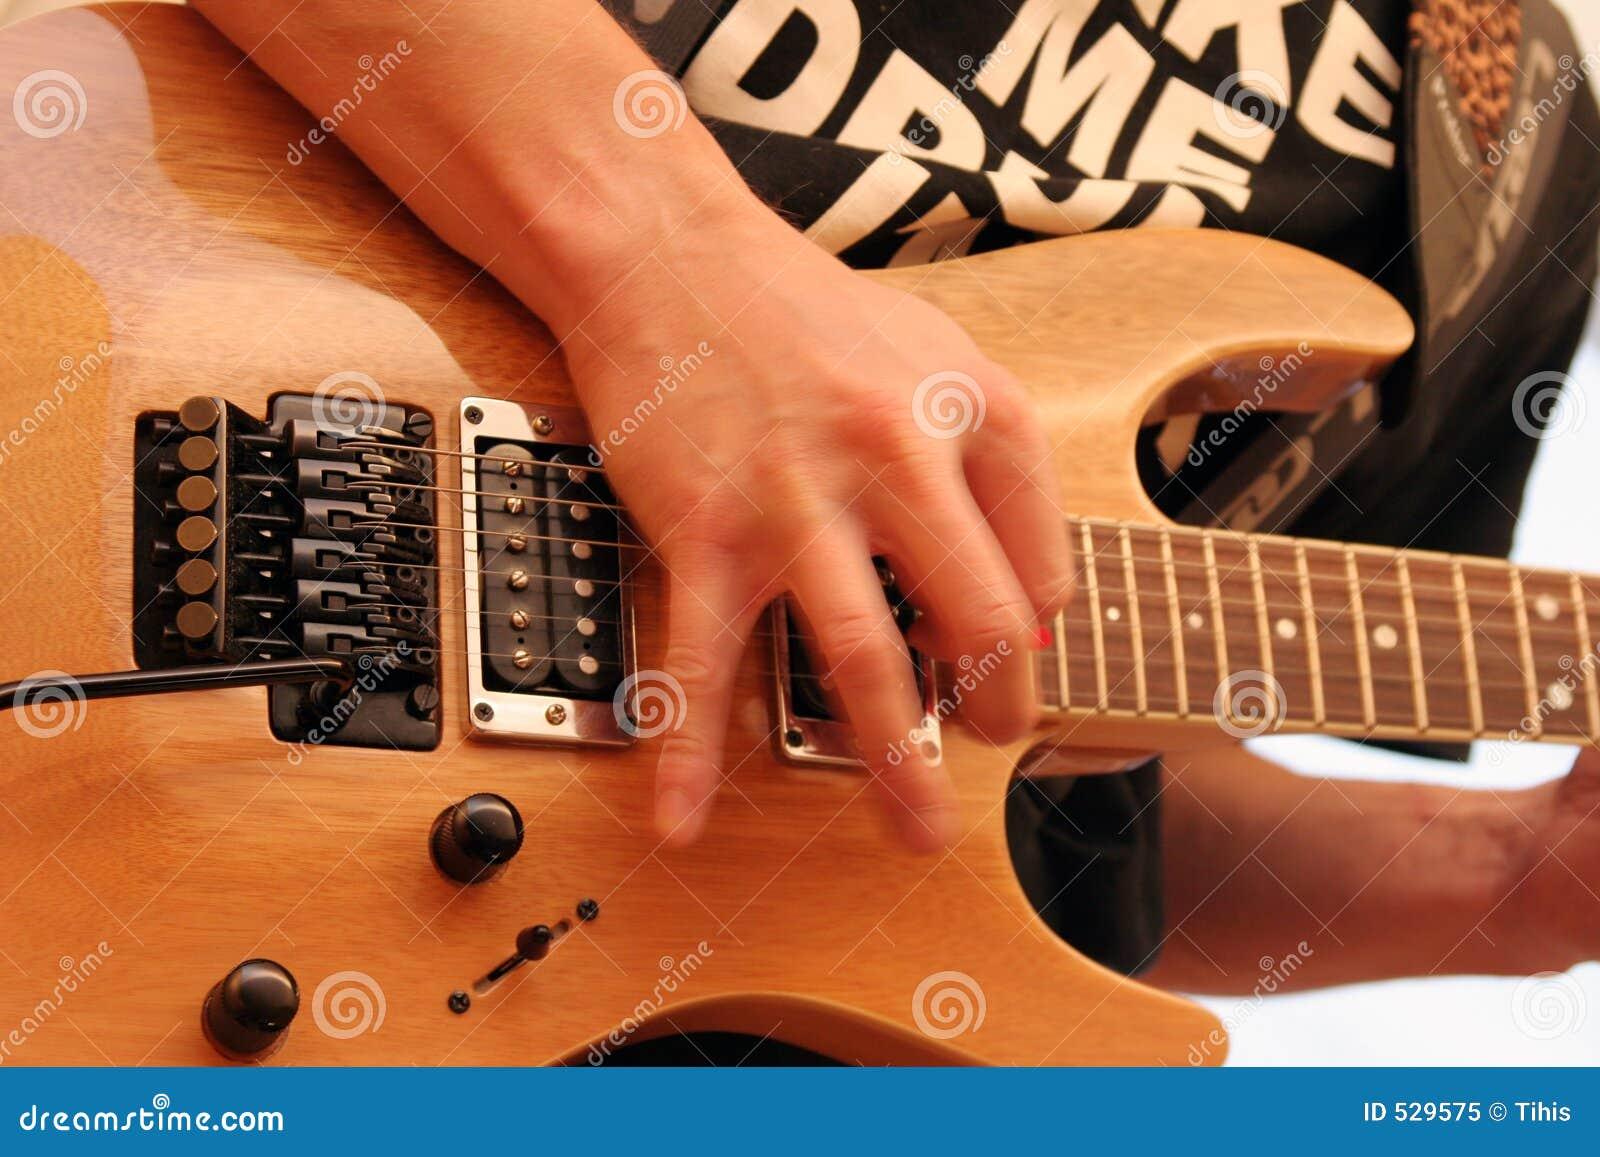 Download 吉他演奏员 库存图片. 图片 包括有 仪器, 球员, 人们, 作用, 吉他, 音乐, 困难, 脖子, 说明, 现有量 - 529575